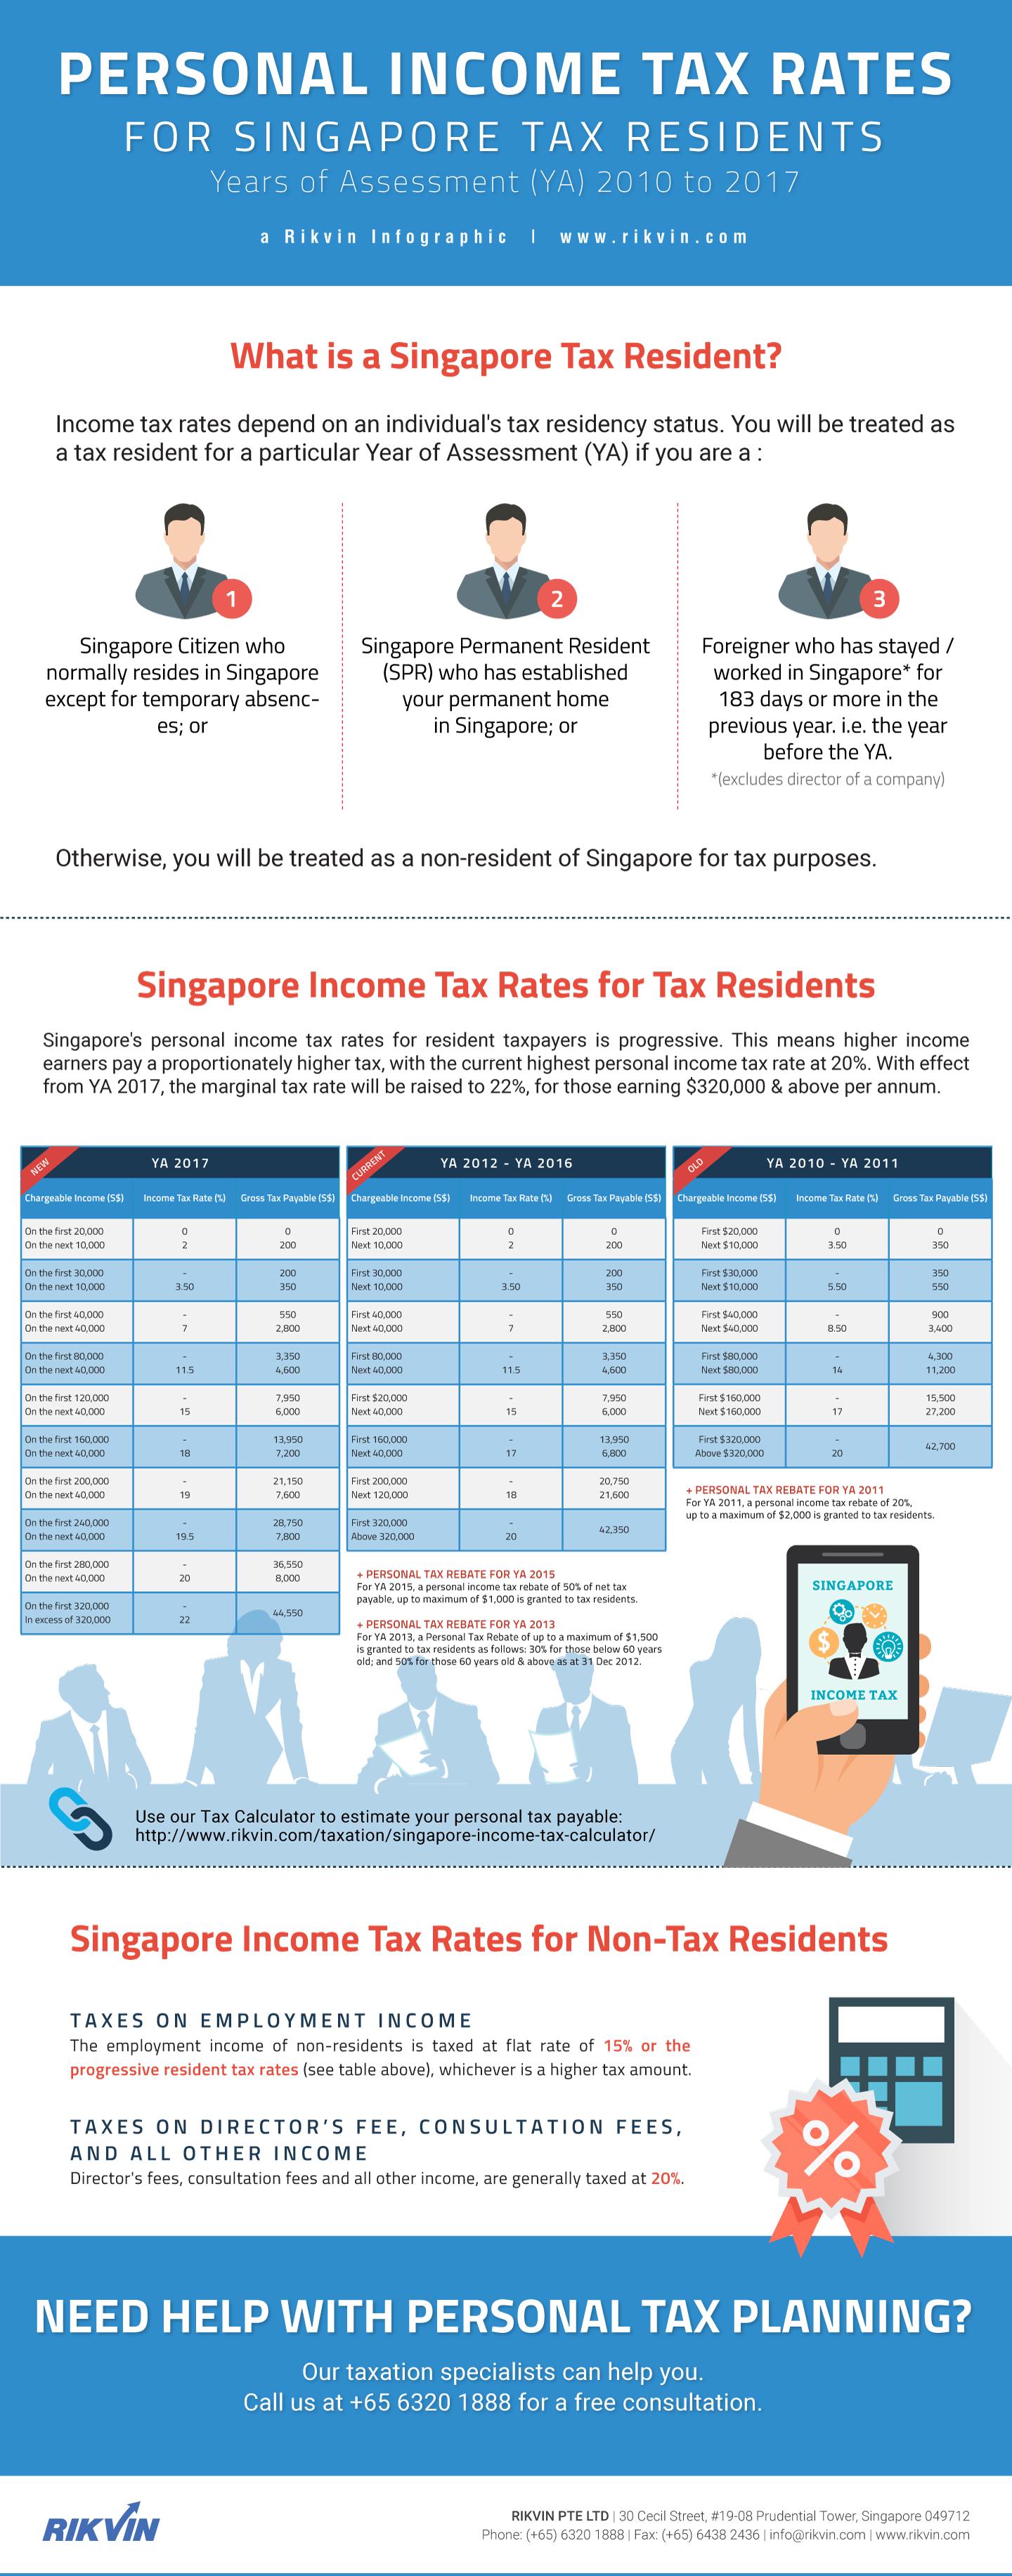 Personal_Income_Tax_Rates-YA_2010-2017-Rikvin_Infographic Personal Income Tax Rates for Singapore Tax Residents (YA 2010-2017)